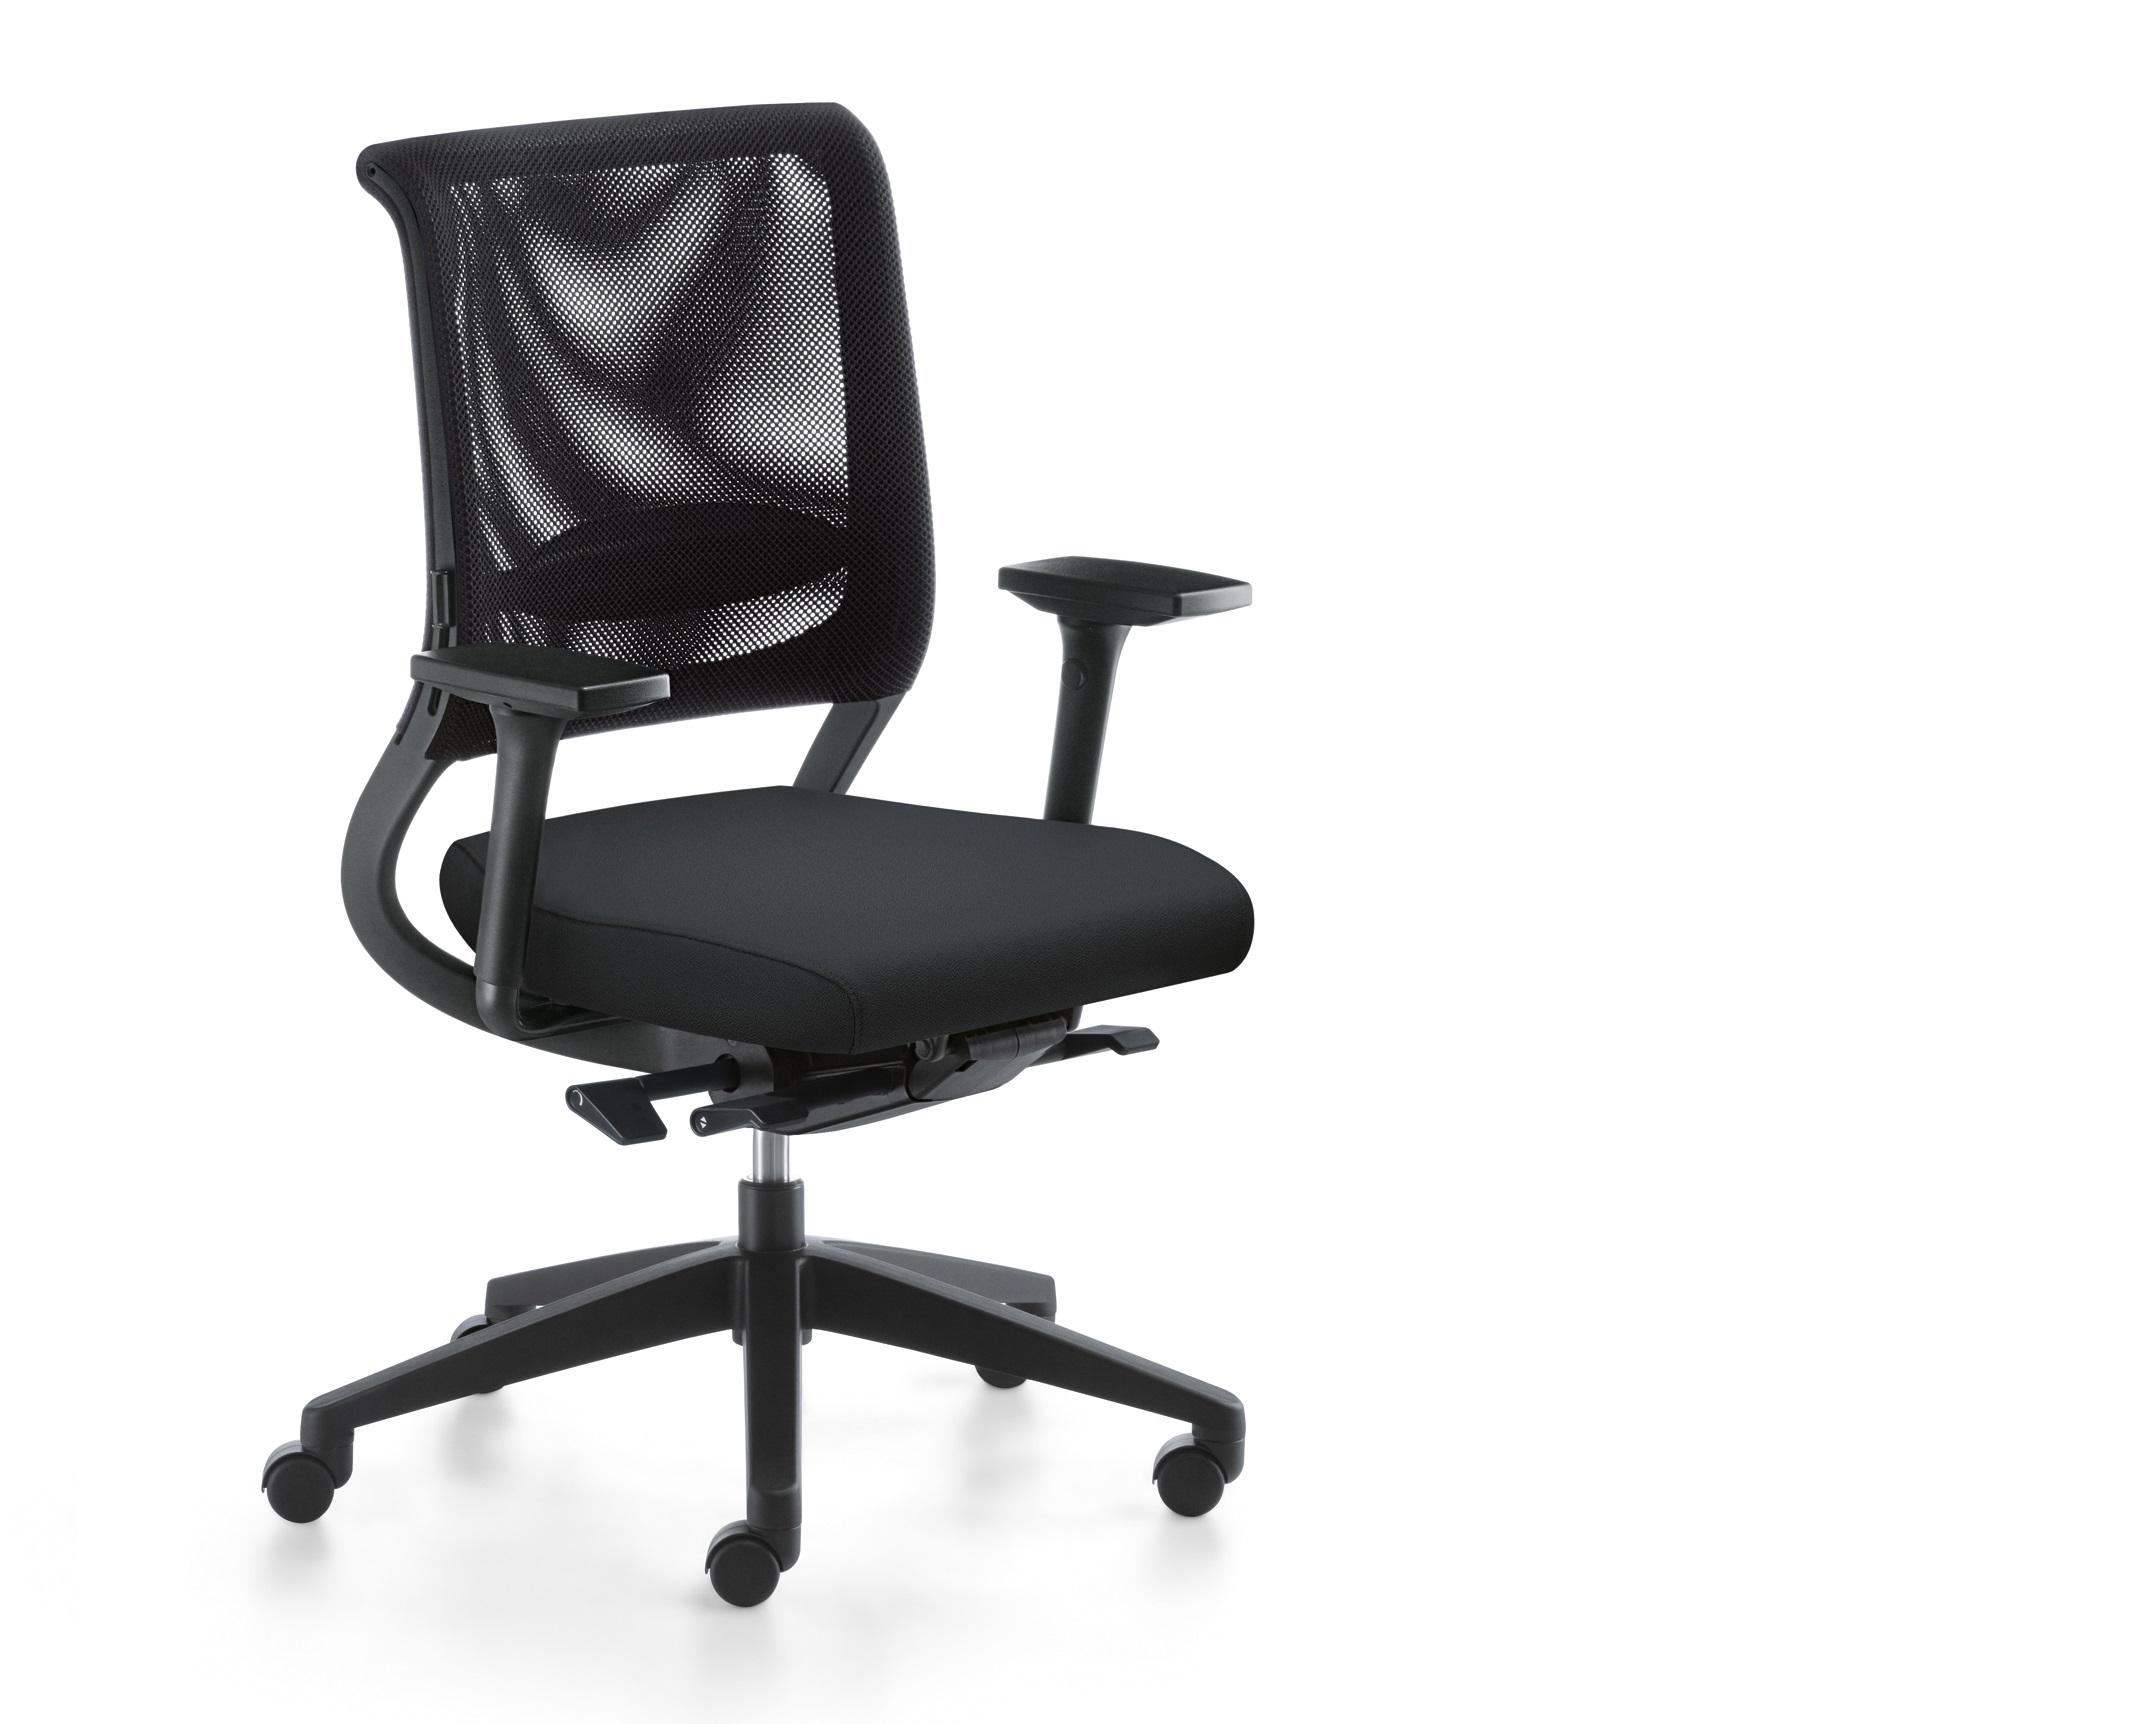 Poltrona Ufficio Anni 60 : Prodotti restart collection sedie per ufficio operative